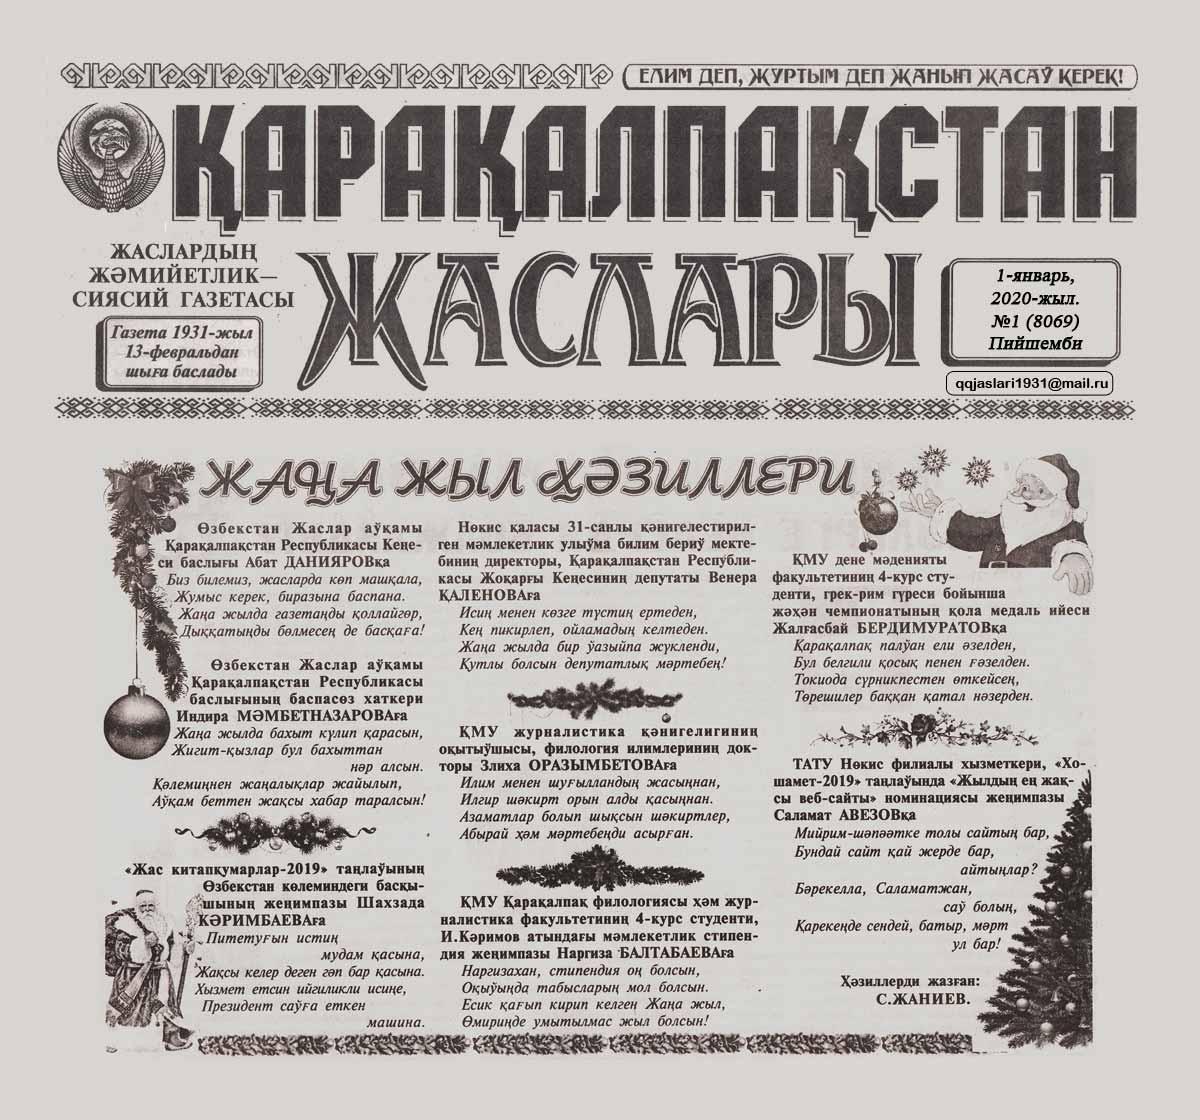 «Қарақалпақстан жаслары» газетасы  1-январь, 2020-жыл. №1 (8069)